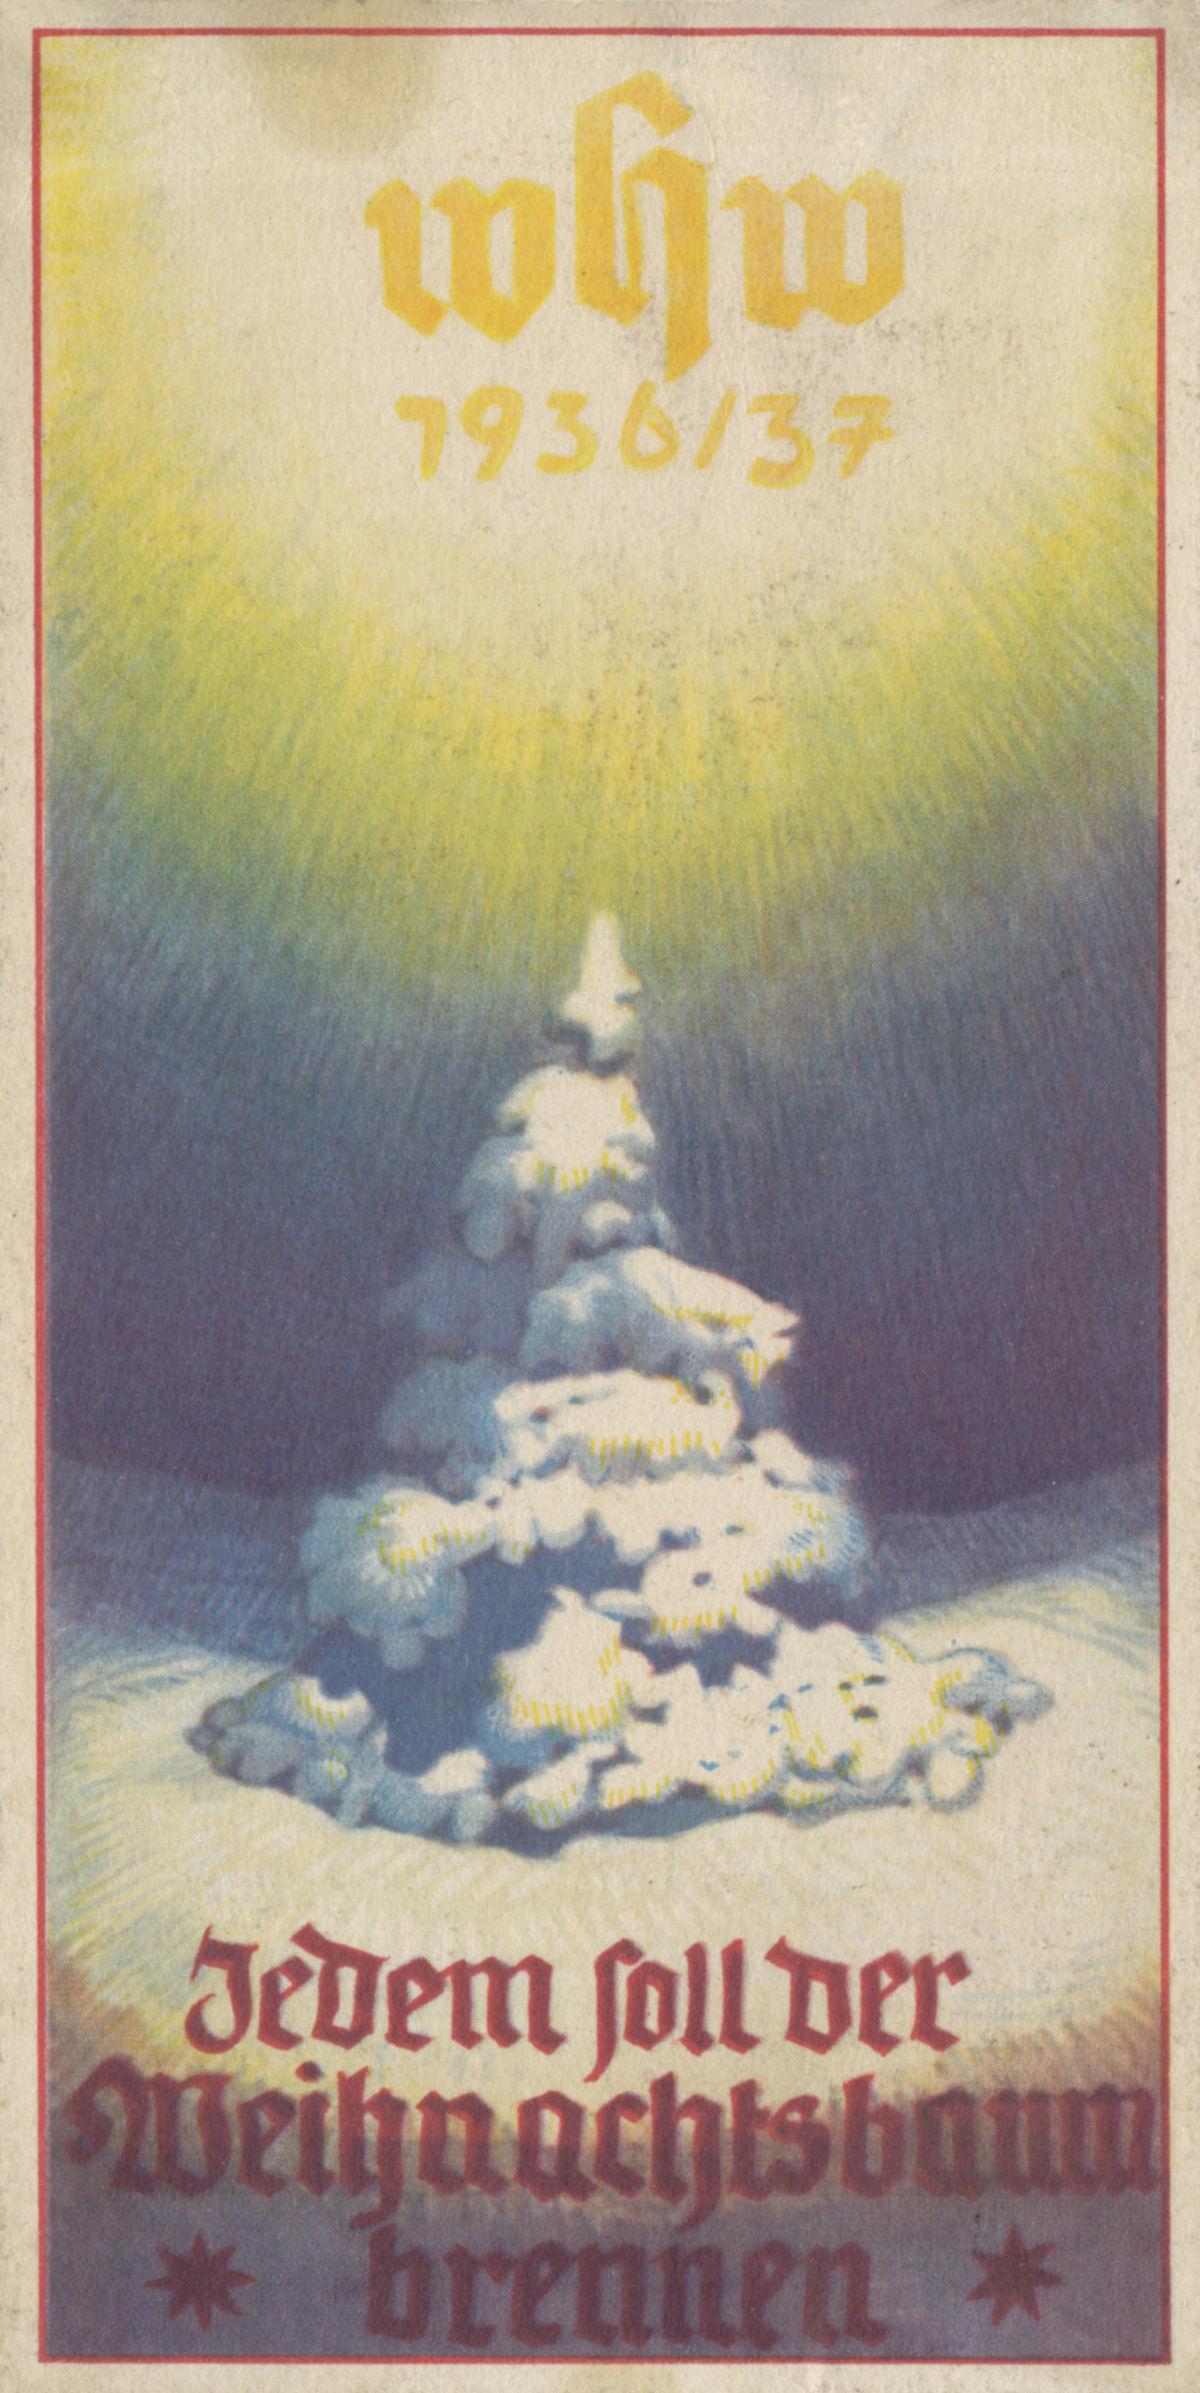 Weihnachtskult